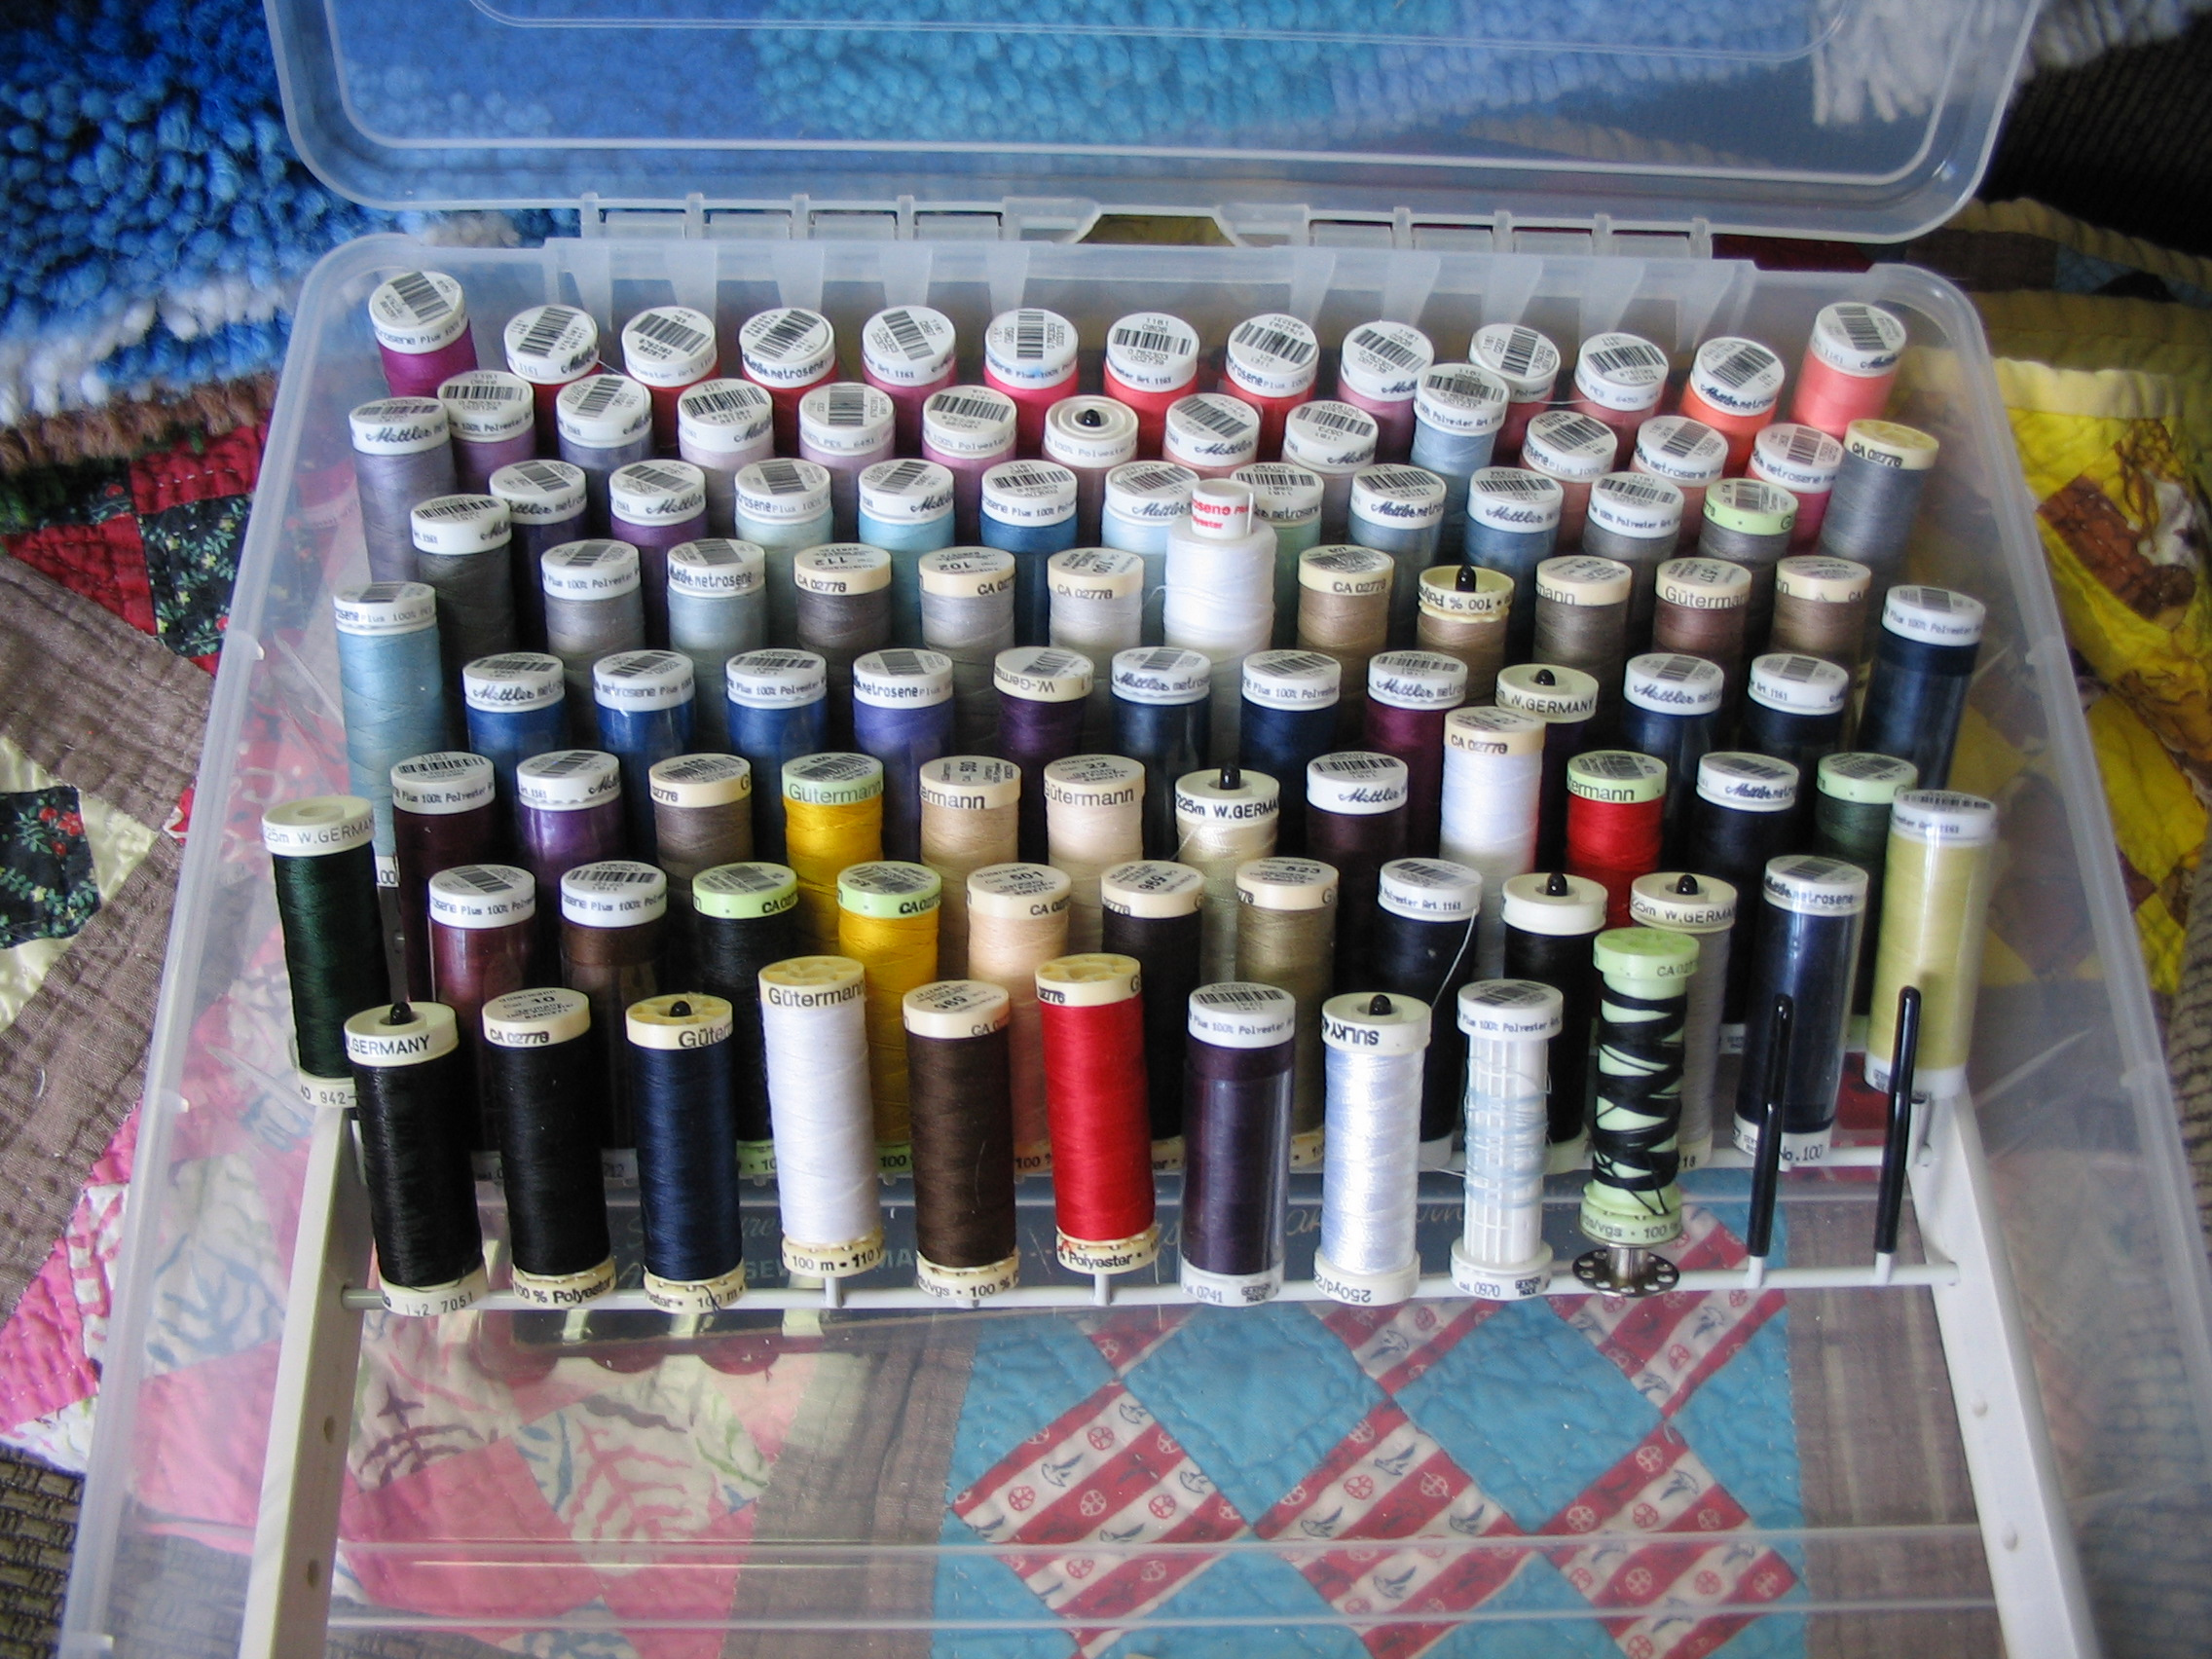 Thread organizer box for skinny spools -- Sulky, Gutermann, Mettler Metrosene (Capacity: 175 spools)